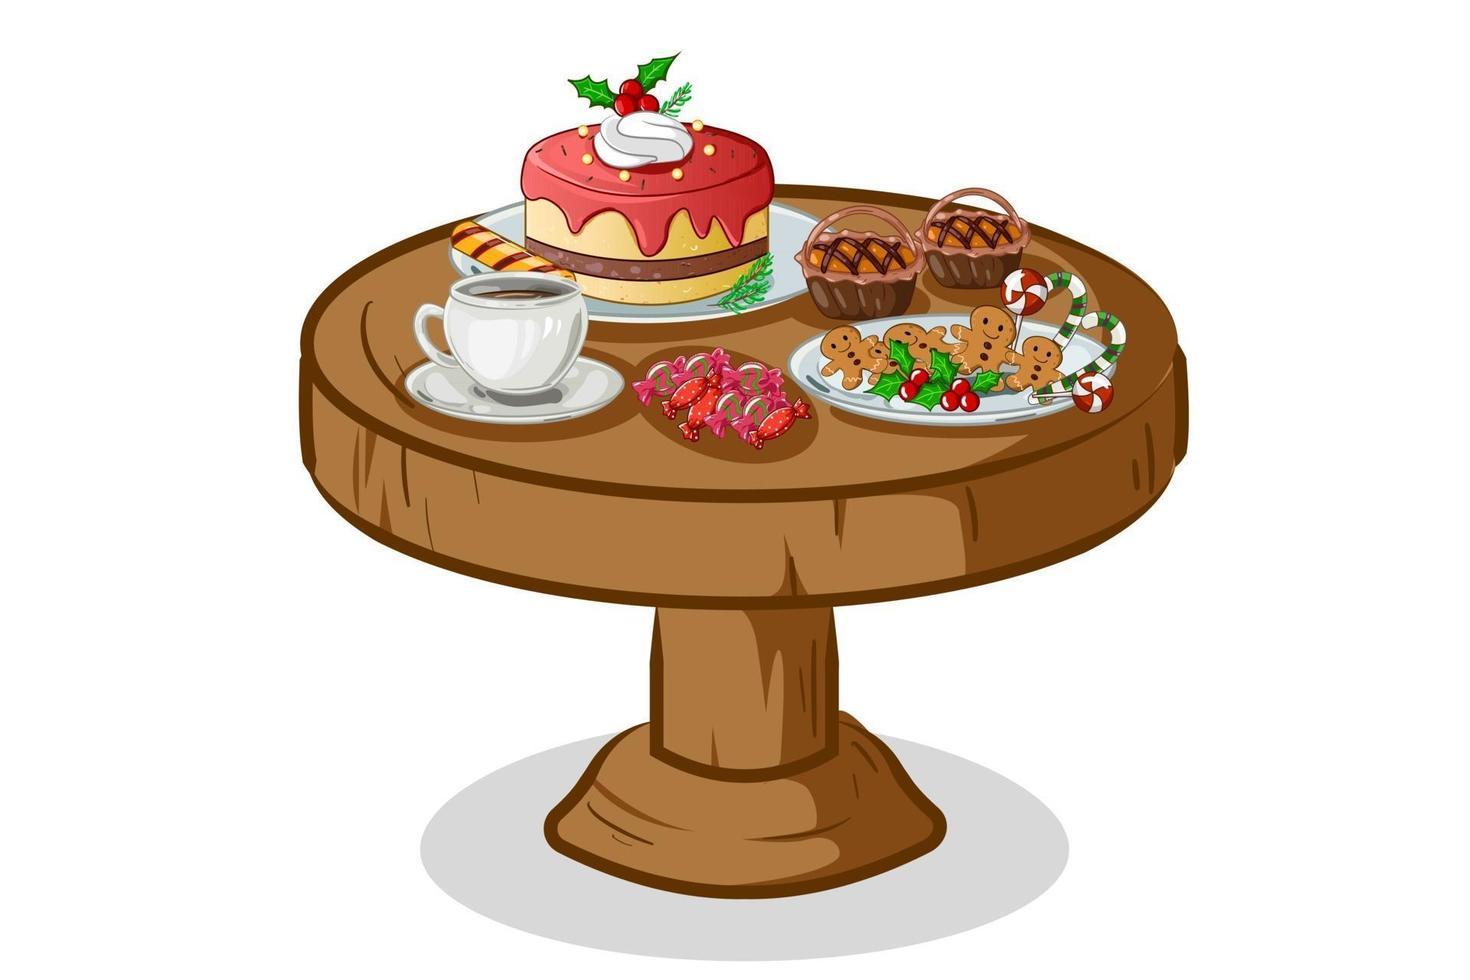 ilustração vetorial de bolo de natal em cima da mesa vetor